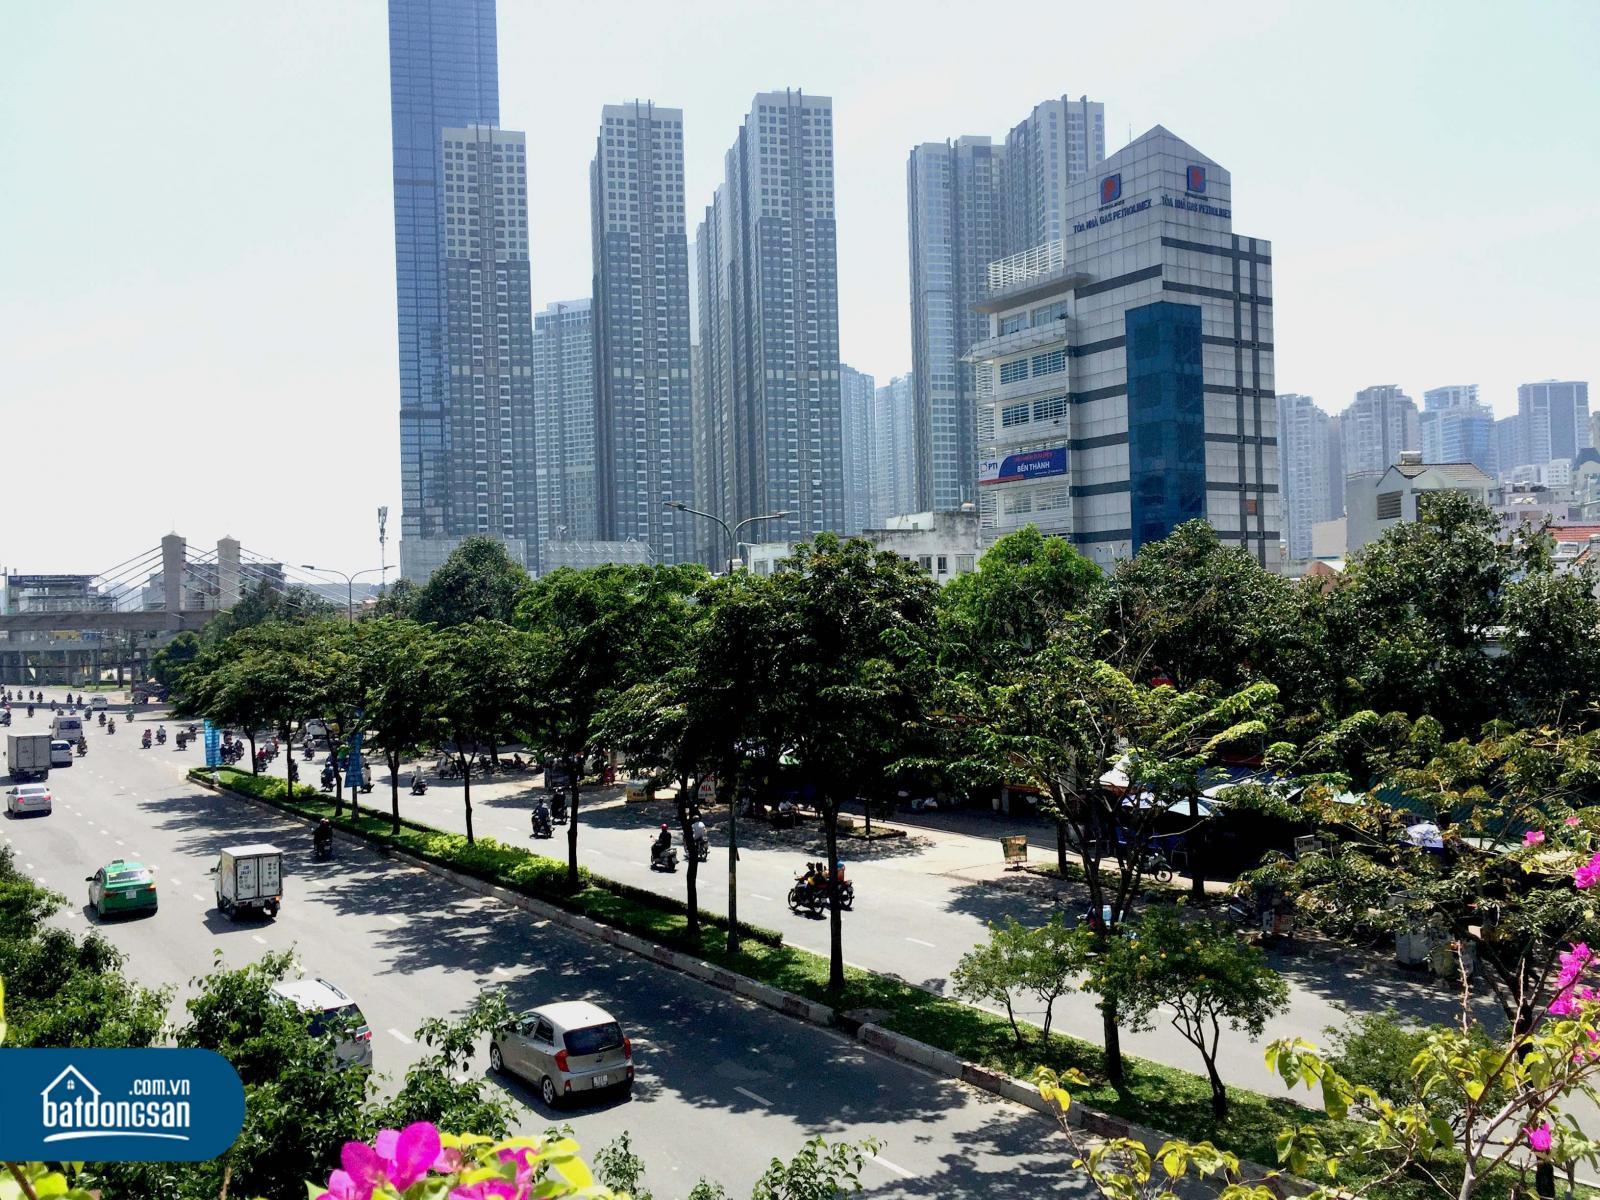 Con đường nhiều cây xanh, xe cộ, phía xa là những tòa nhà cao tầng san sát nhau.